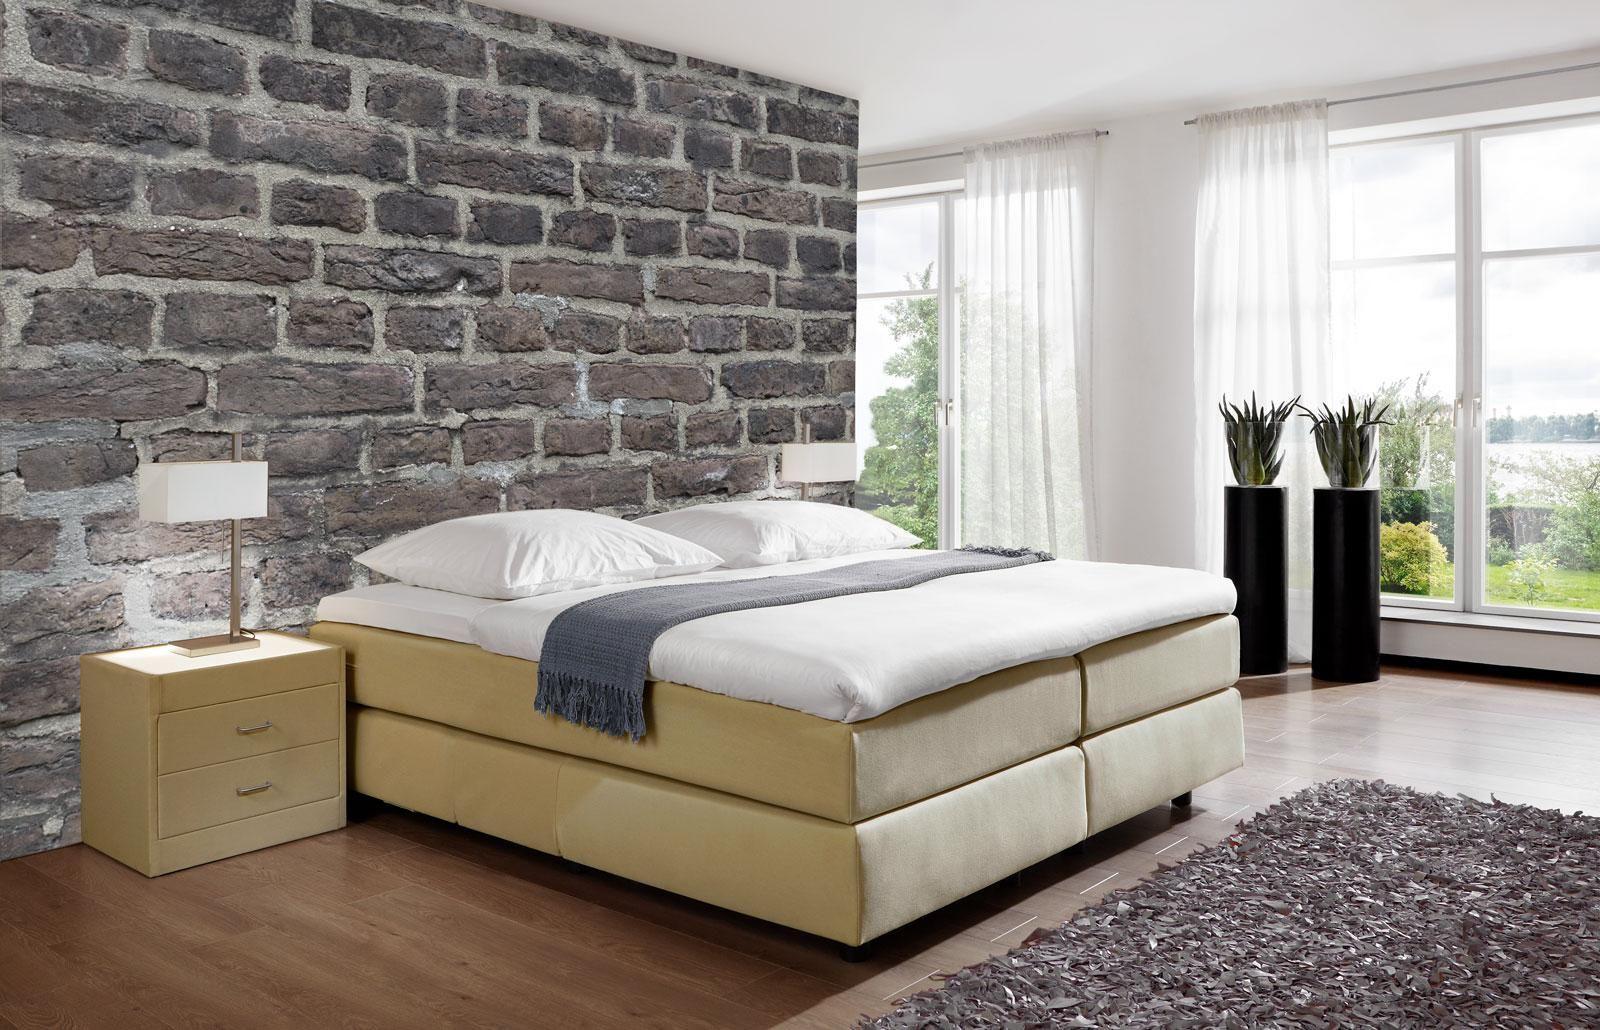 Bildergebnis für schlafzimmerwand grau gestalten | Schlafzimmer ...